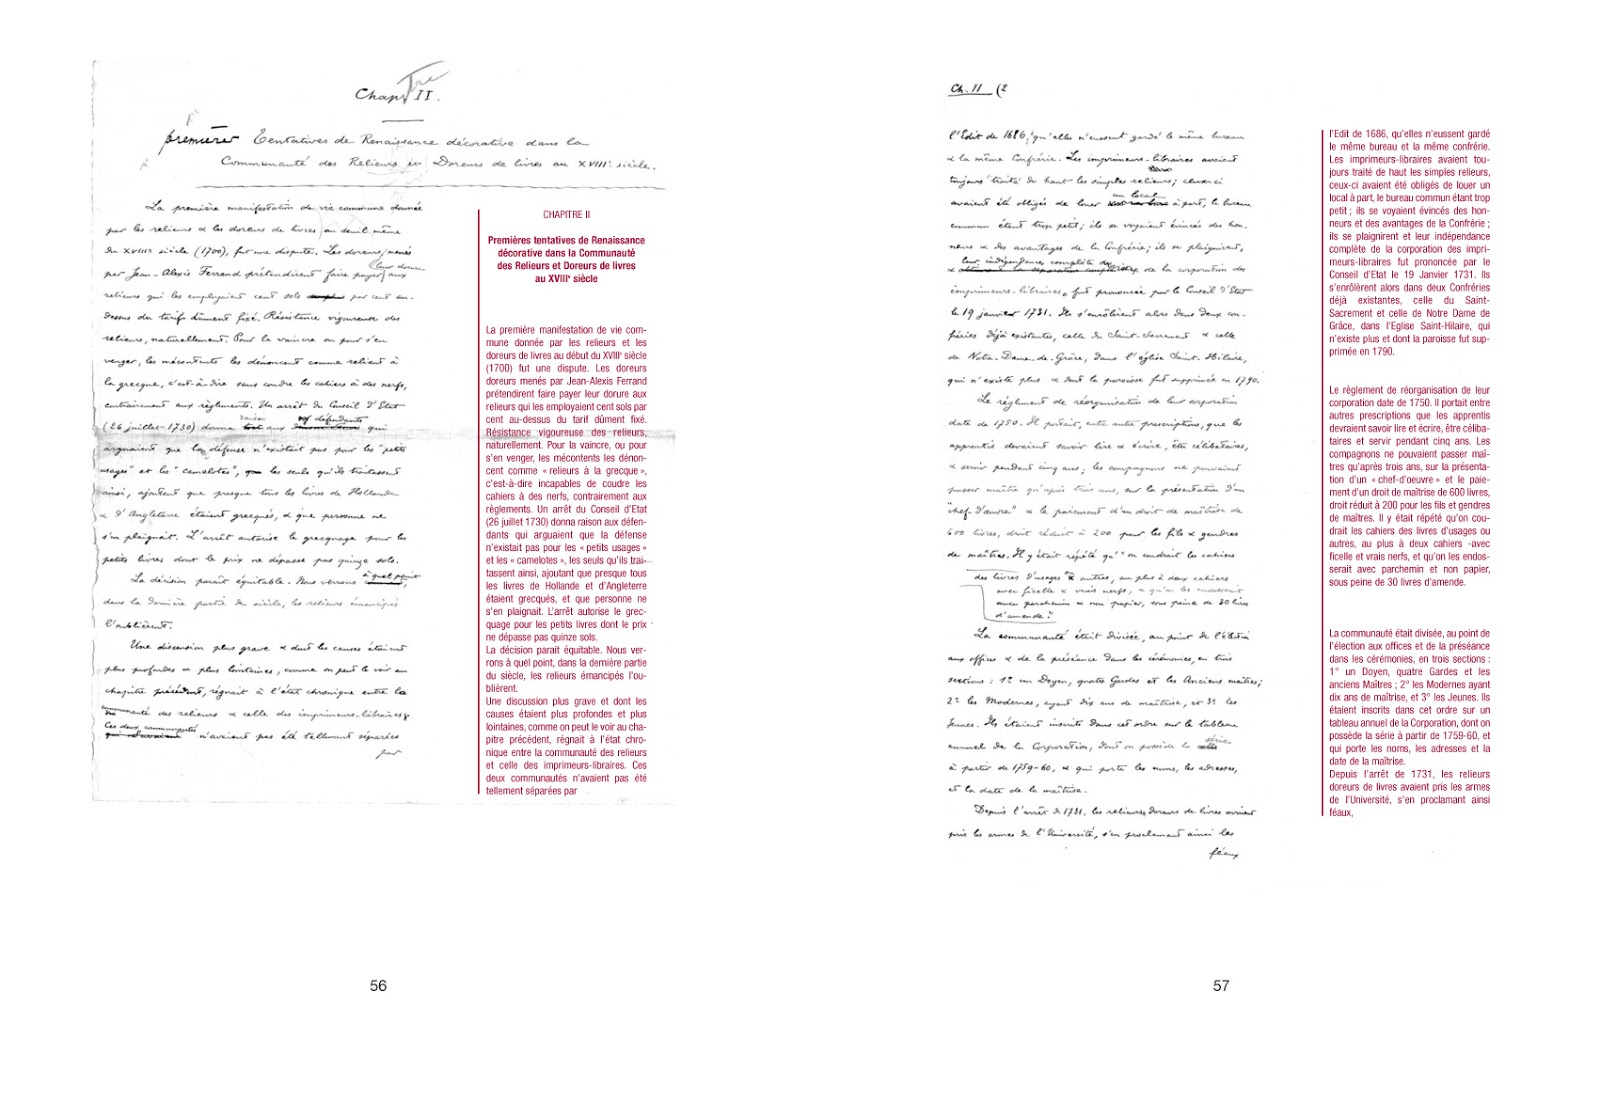 Uzanne p56-57